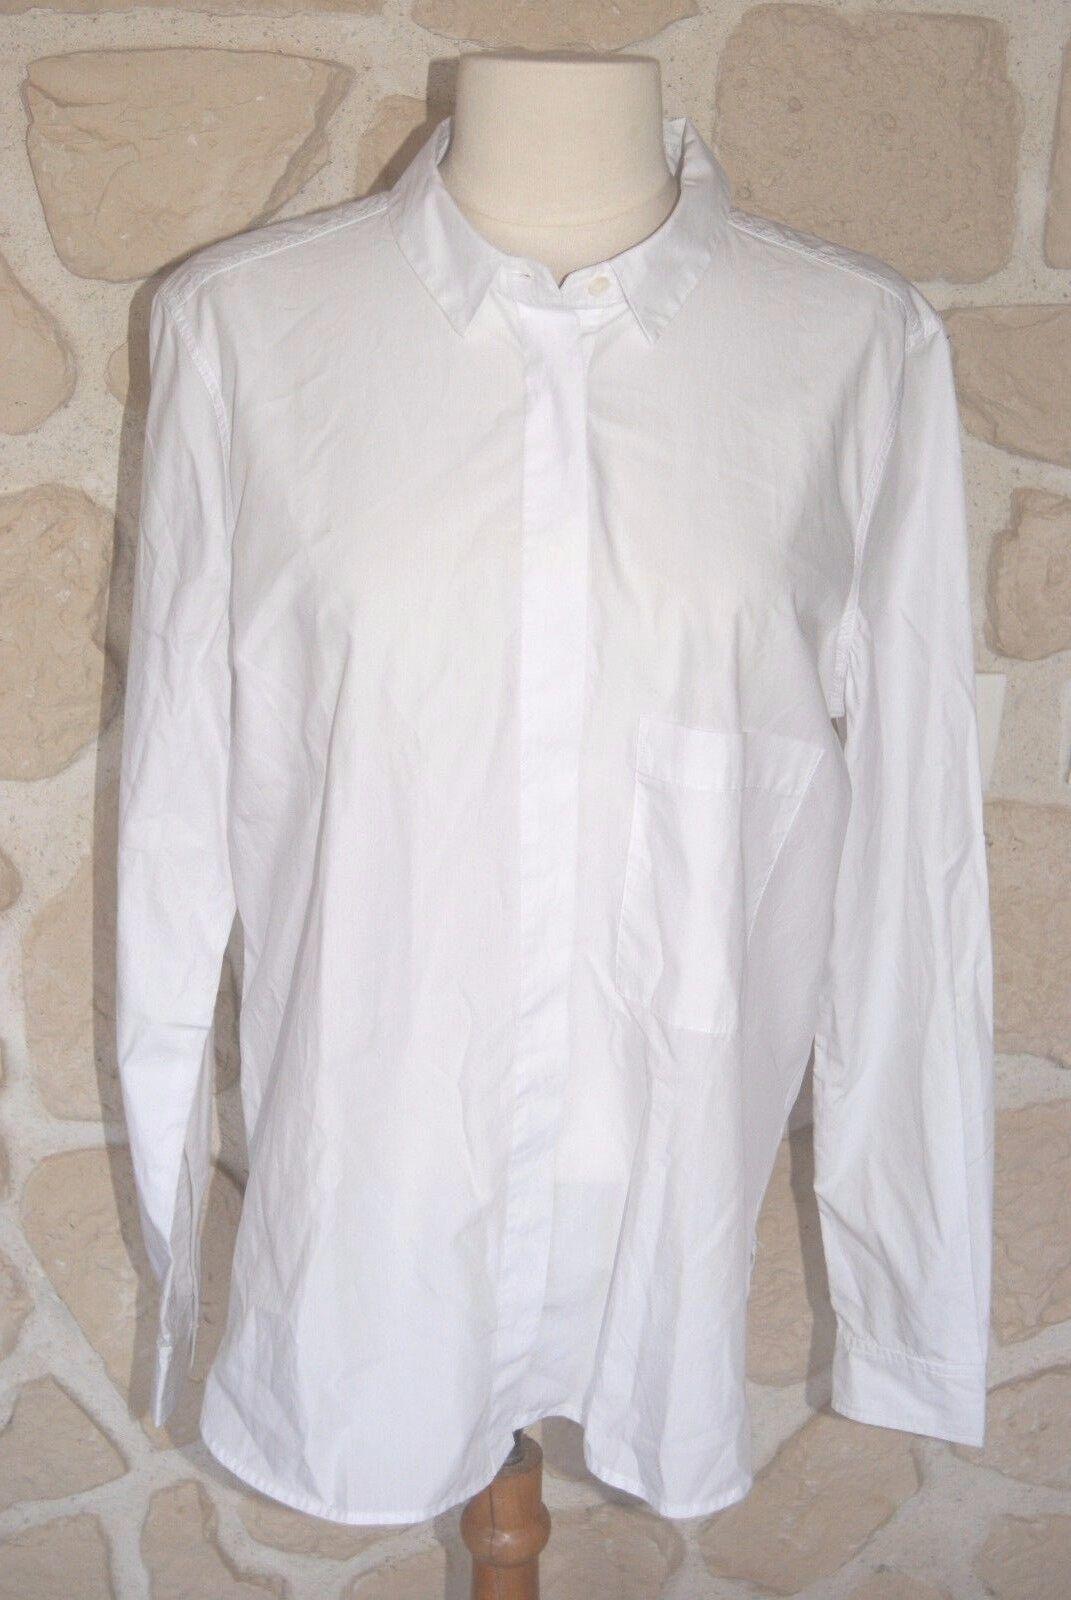 Chemise blanche neuve Dimensione M marque CLOSED étiqueté à